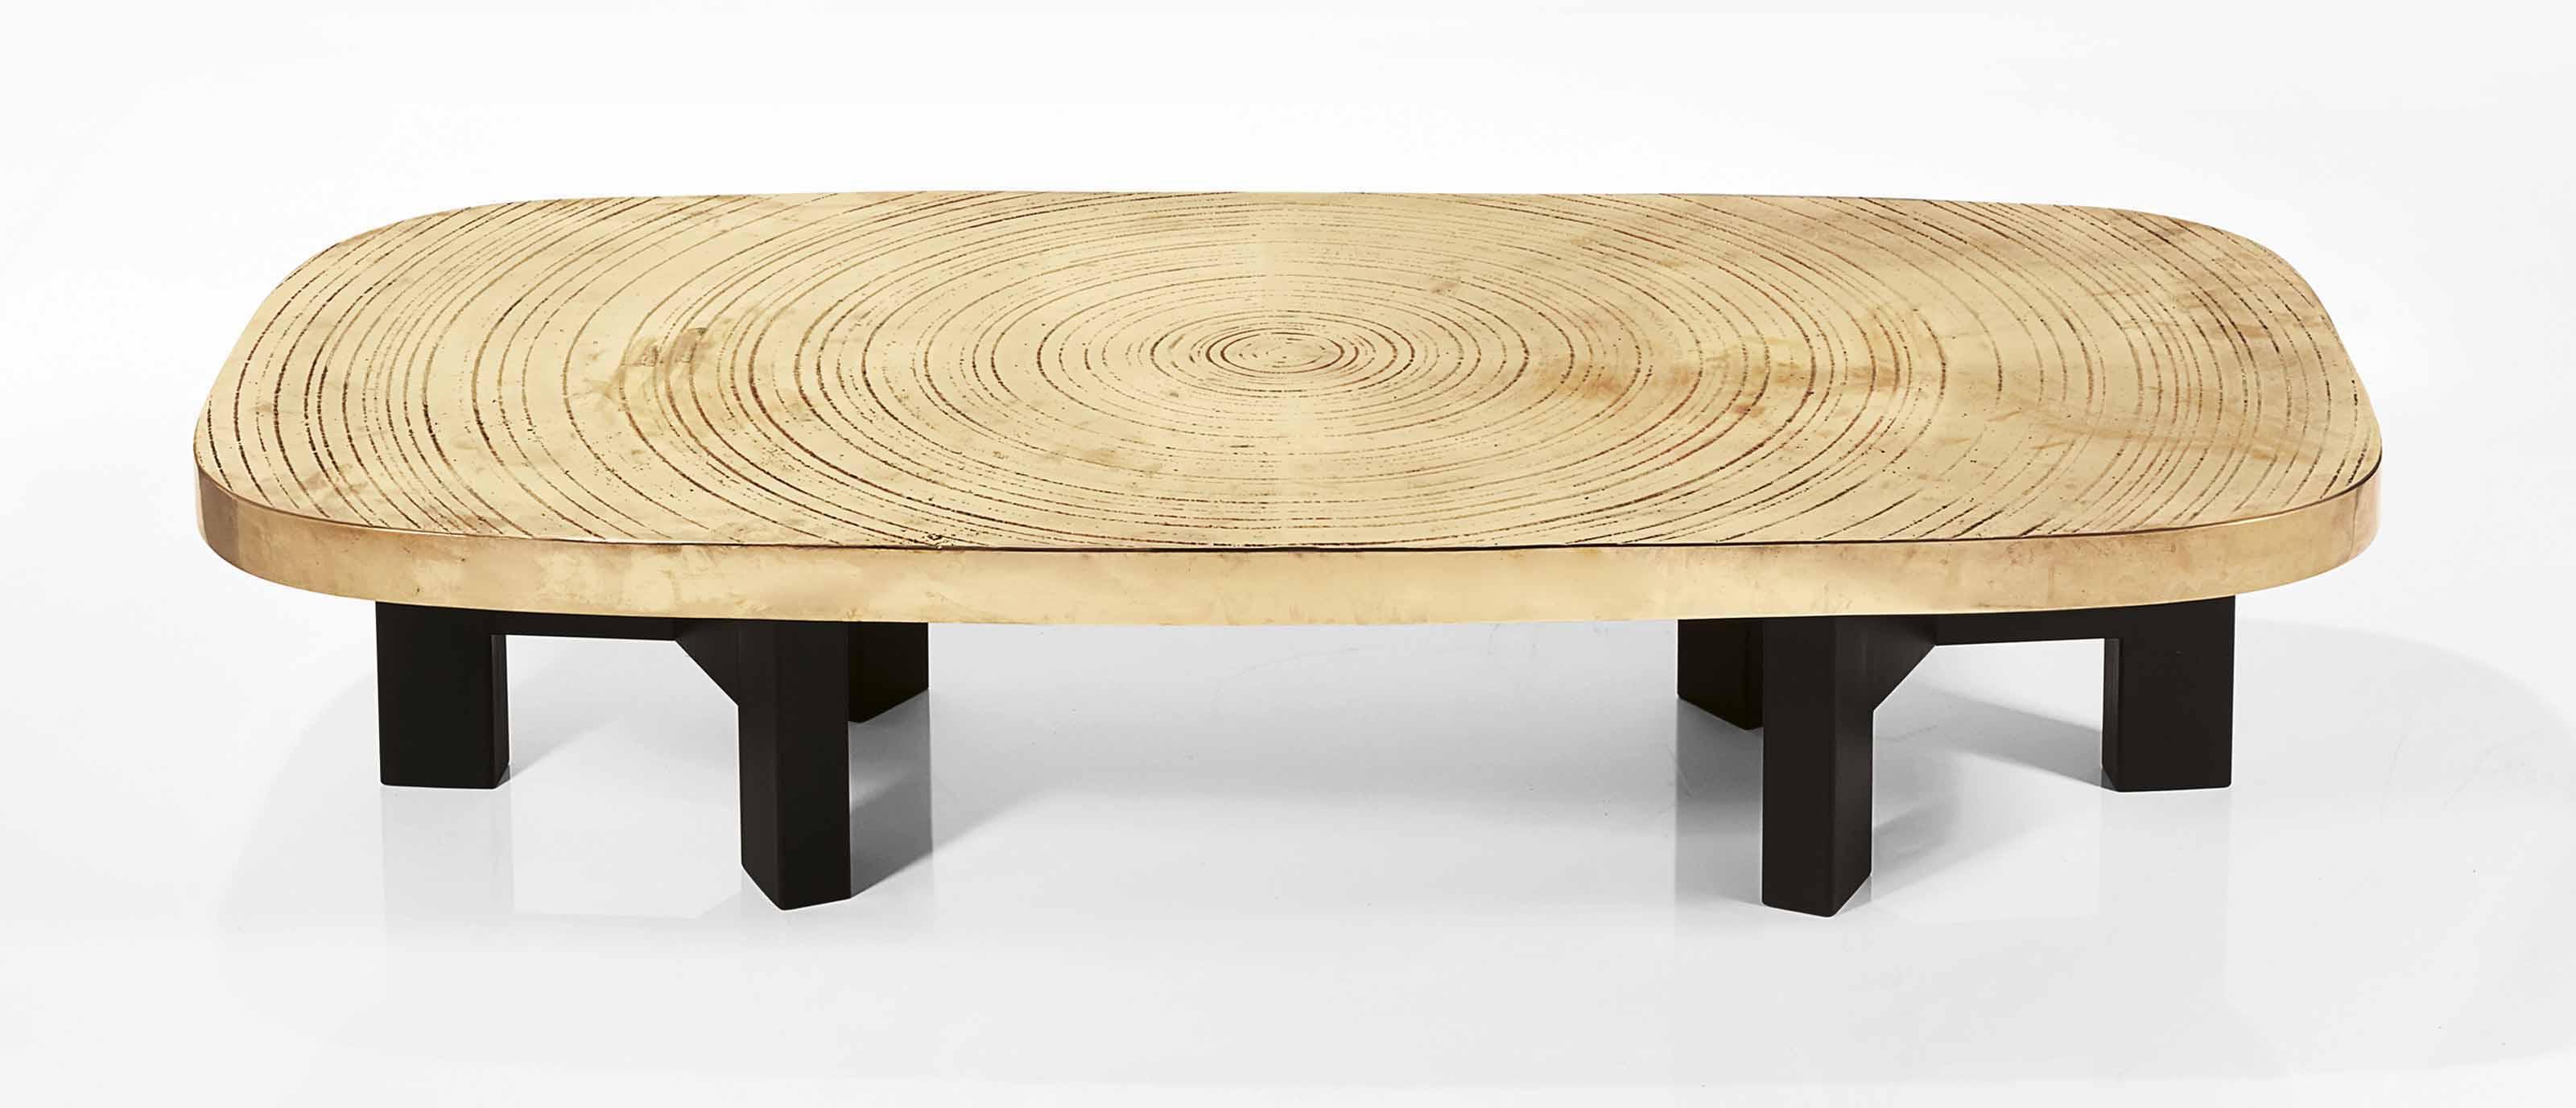 ado chale n en 1928 table basse mod le 39 goutte d 39 eau 39 1995 christie 39 s. Black Bedroom Furniture Sets. Home Design Ideas